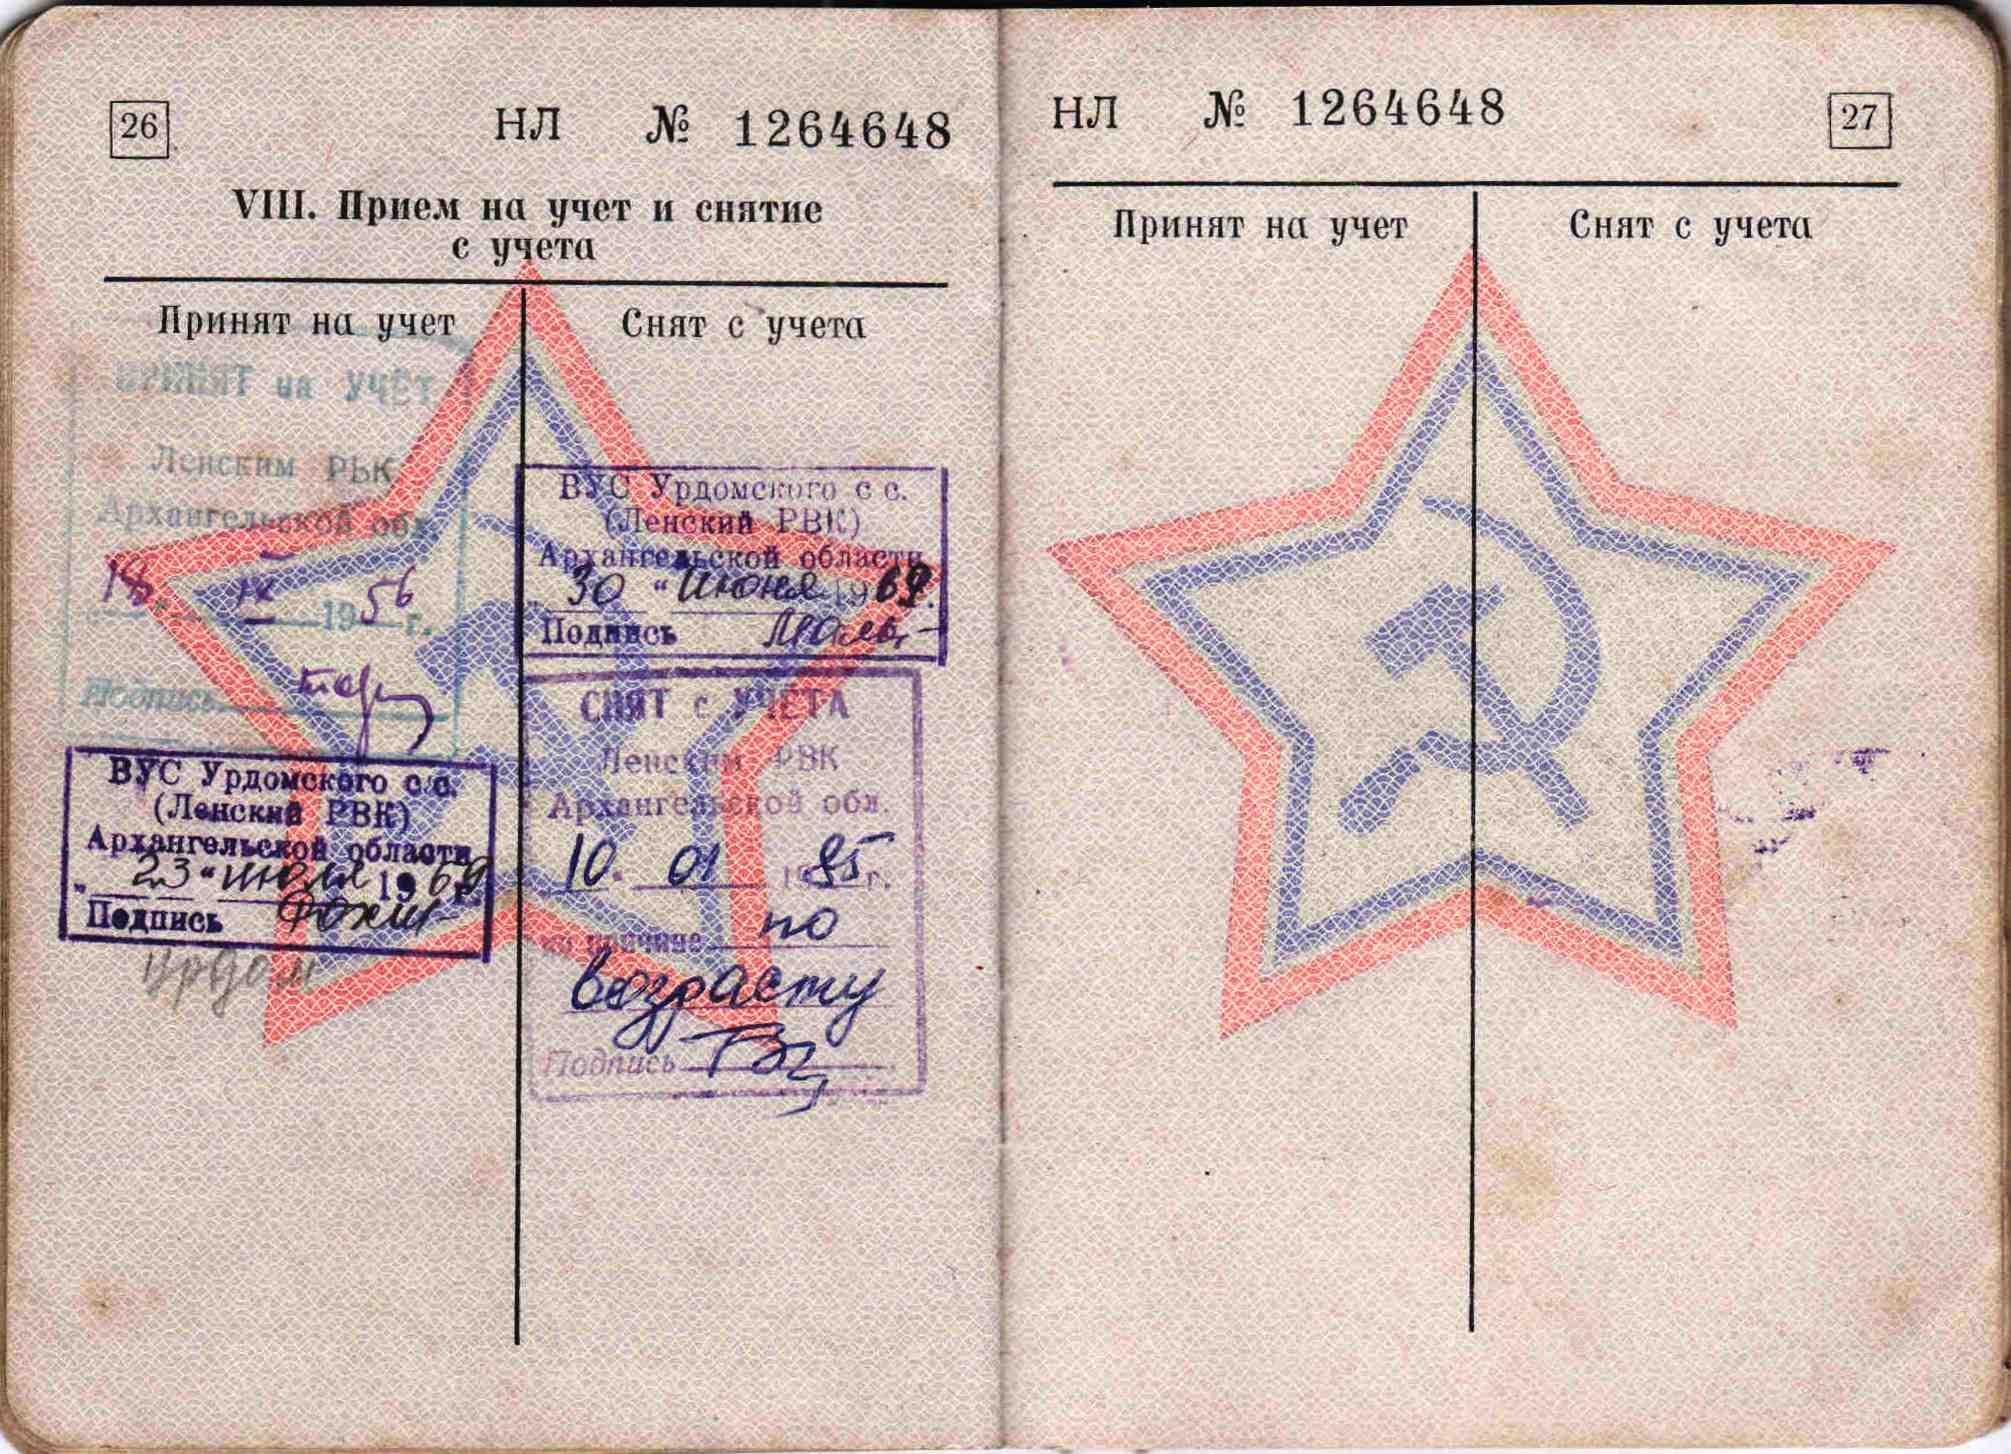 32. Военный билет, 1963 г.